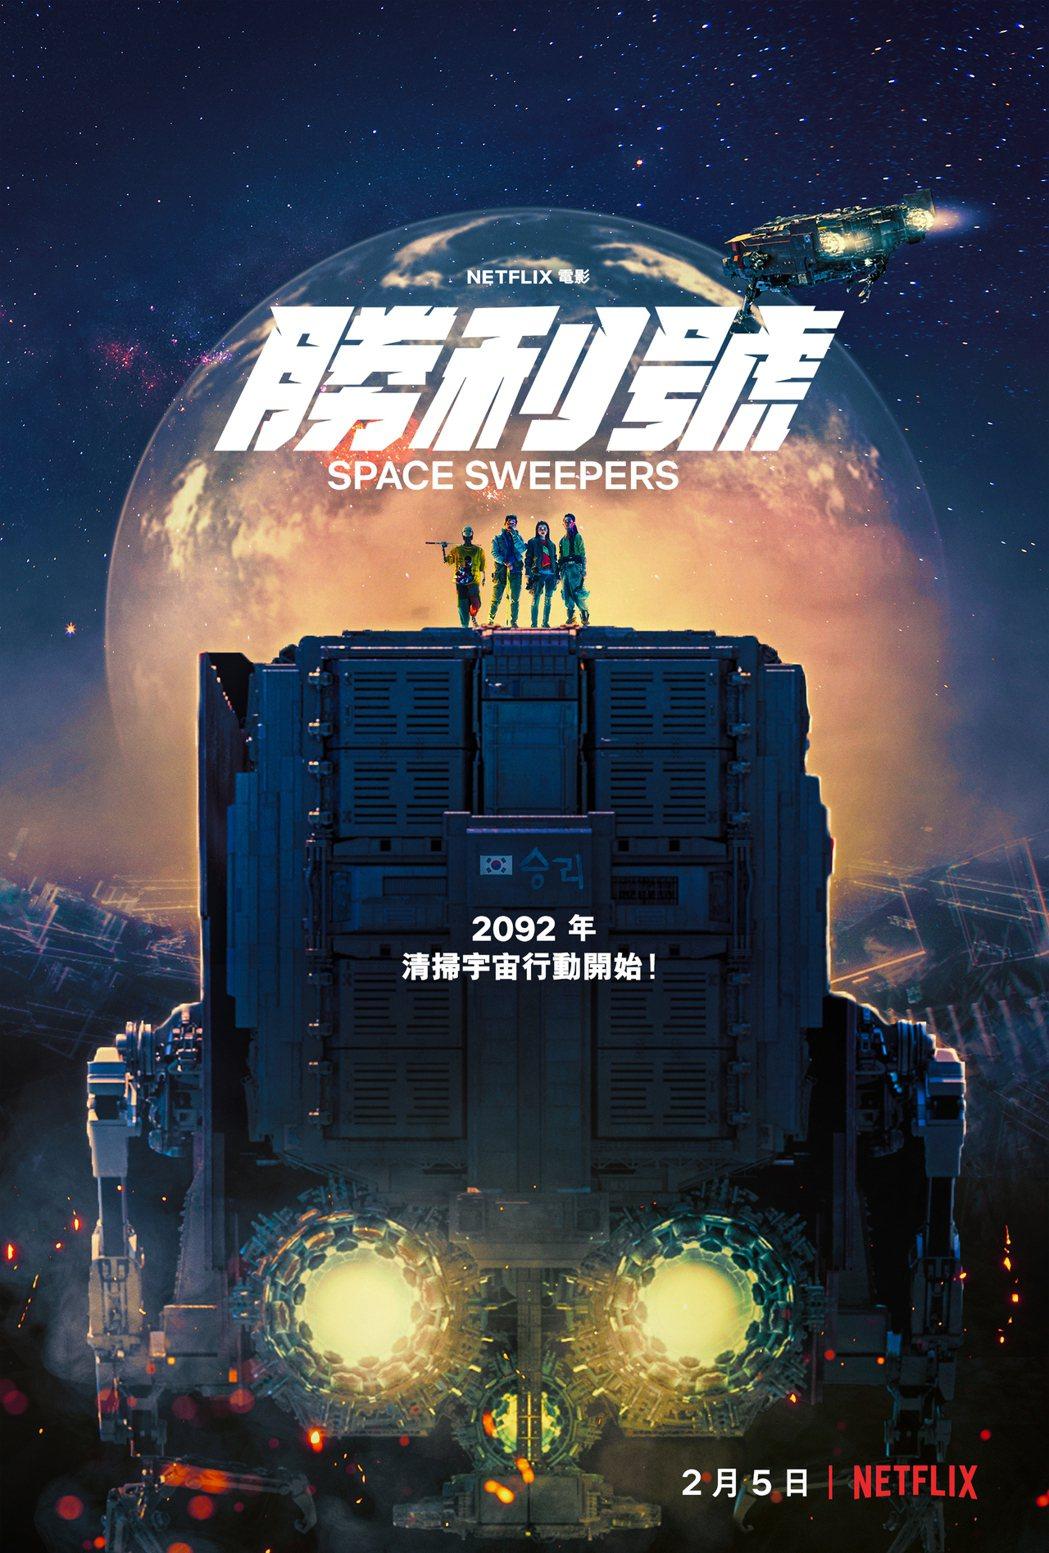 宋仲基科幻電影「勝利號」將於賀歲期間在Netflix上映。圖/Netflix提供